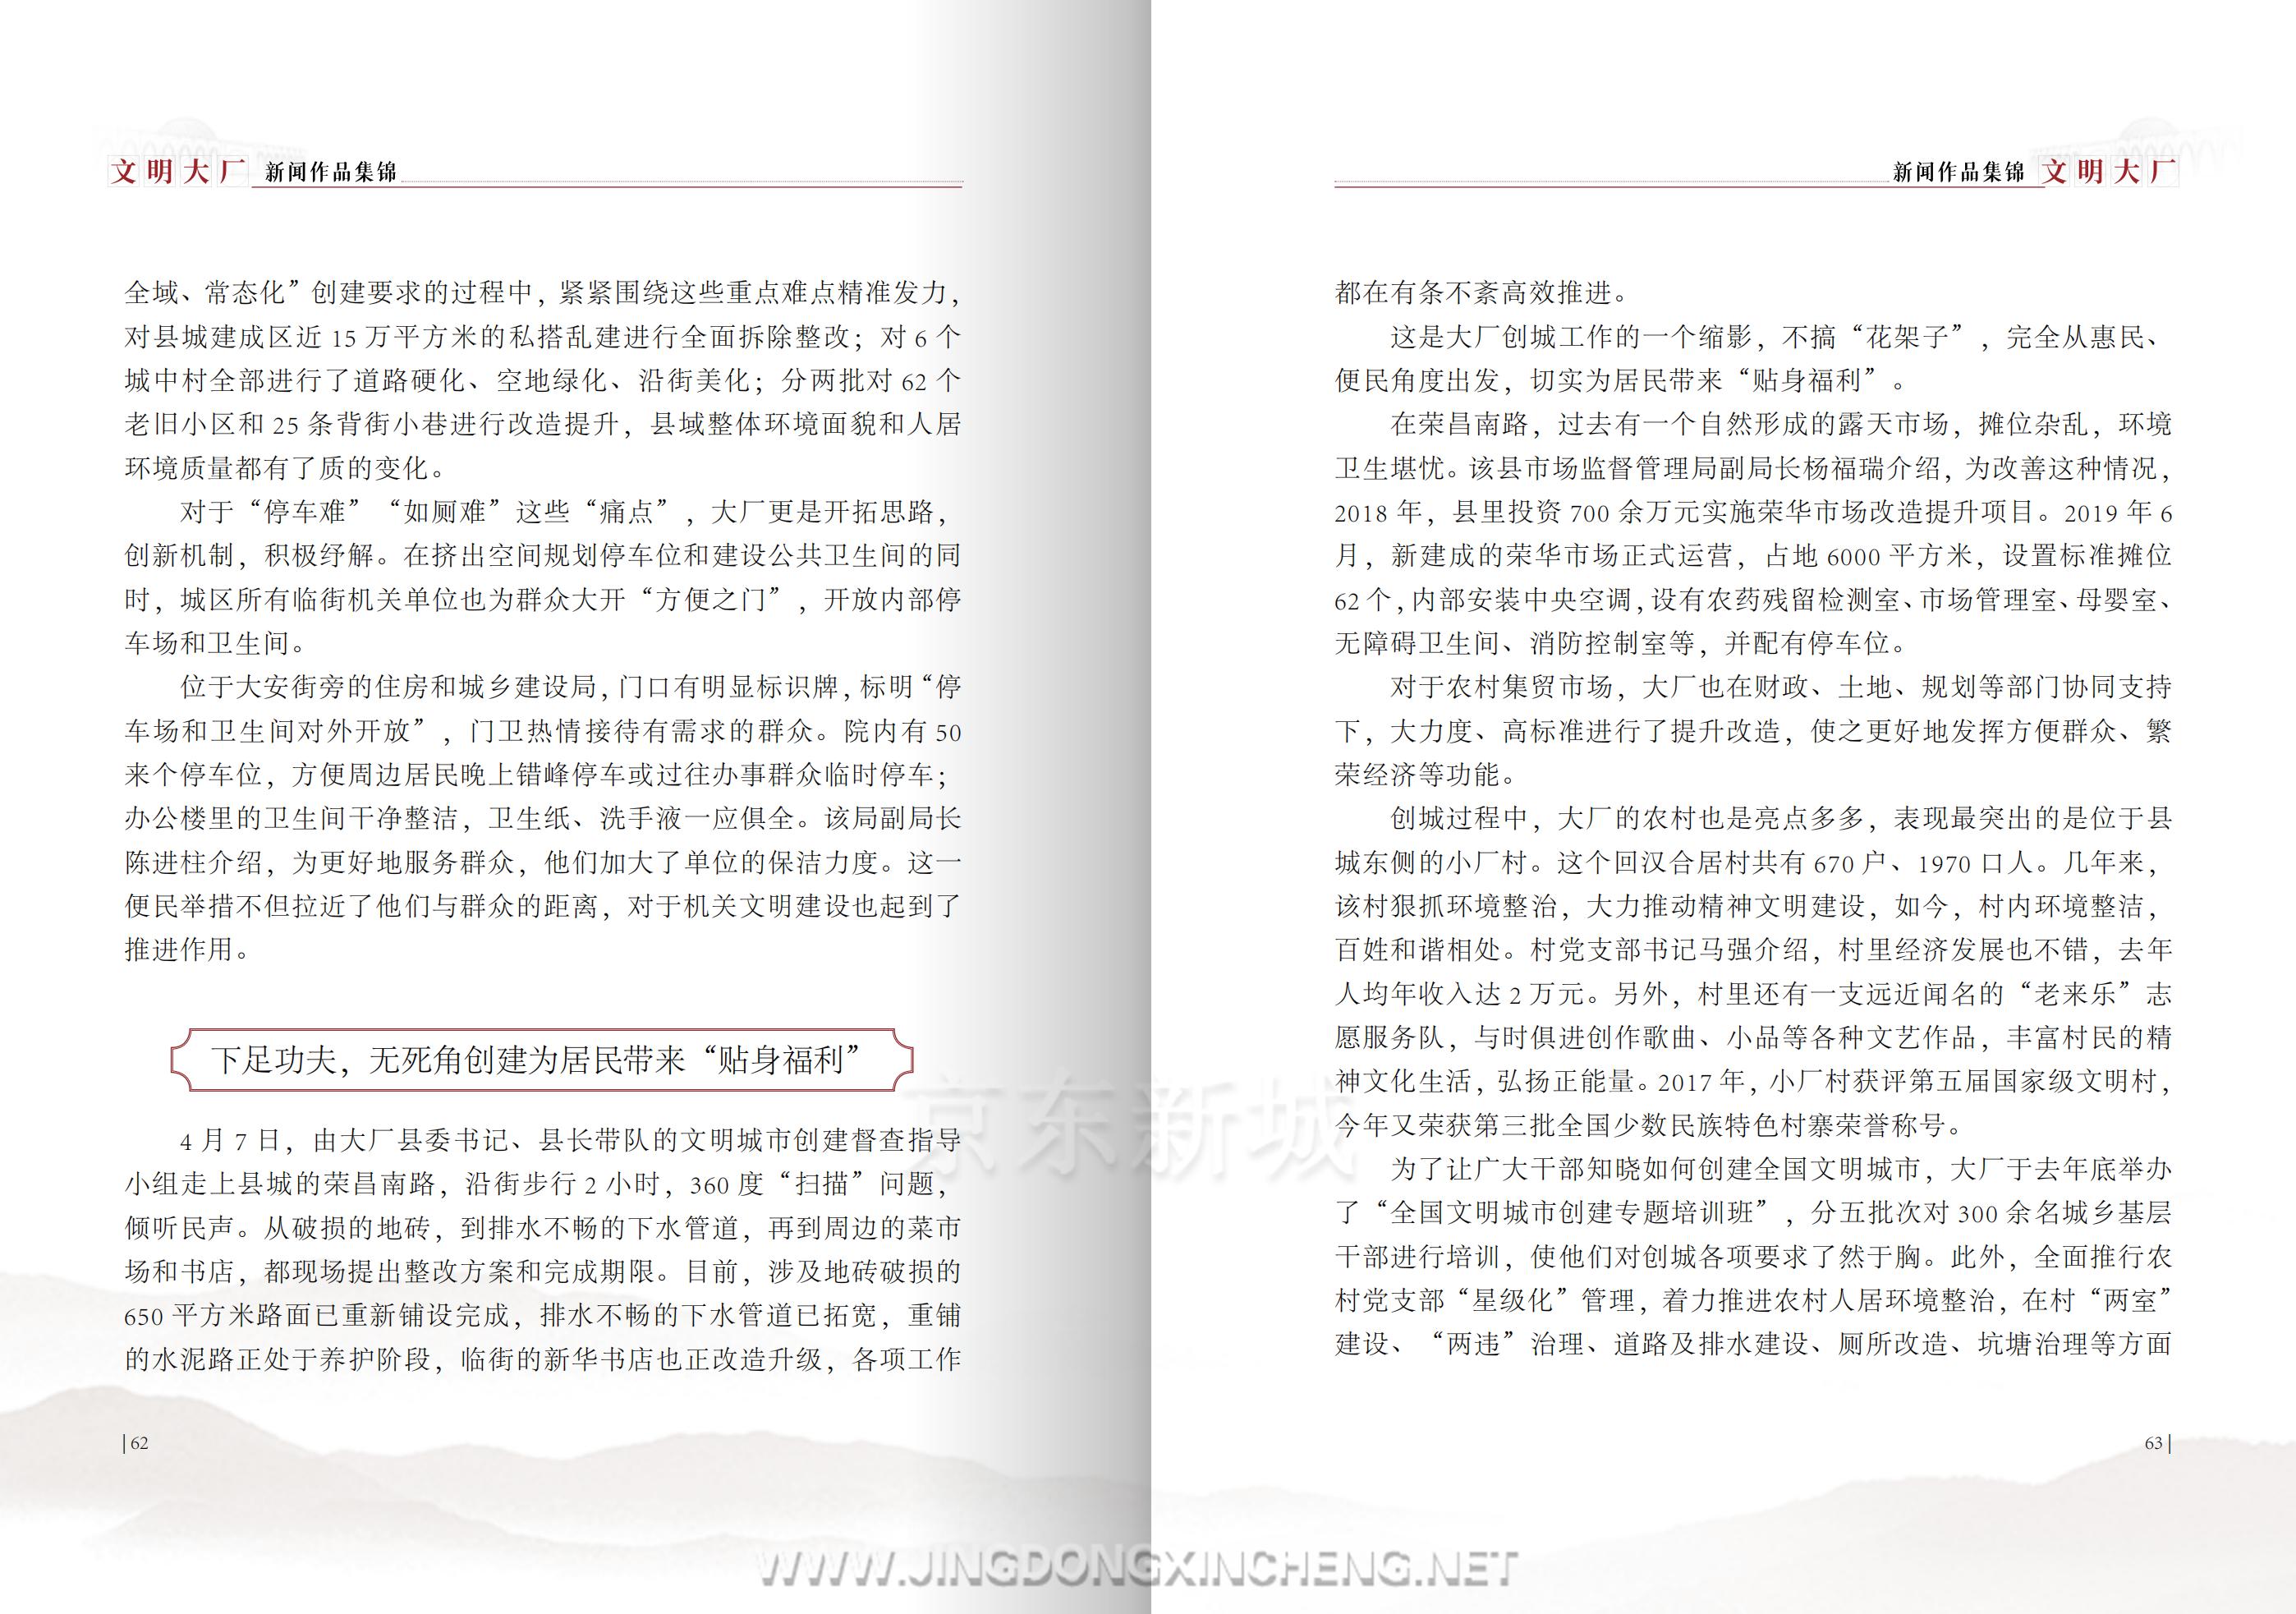 文明大厂书籍-定稿-上传版_35.png